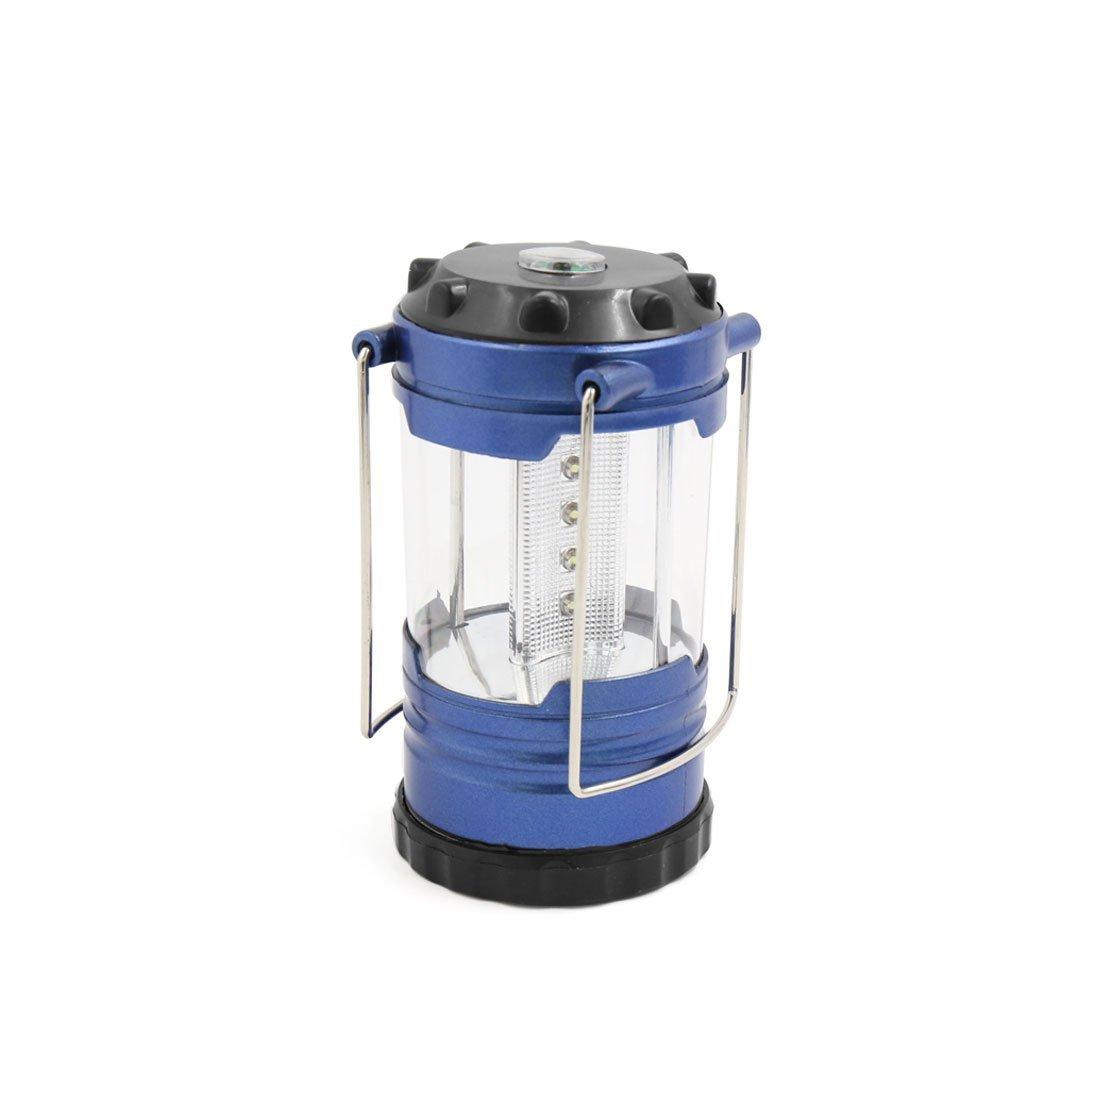 eDealMax excursión que acampa al aire libre de la batería Desarrollado Built-in Carpa compás LED luz de la noche de la lámpara de la linterna - - Amazon.com